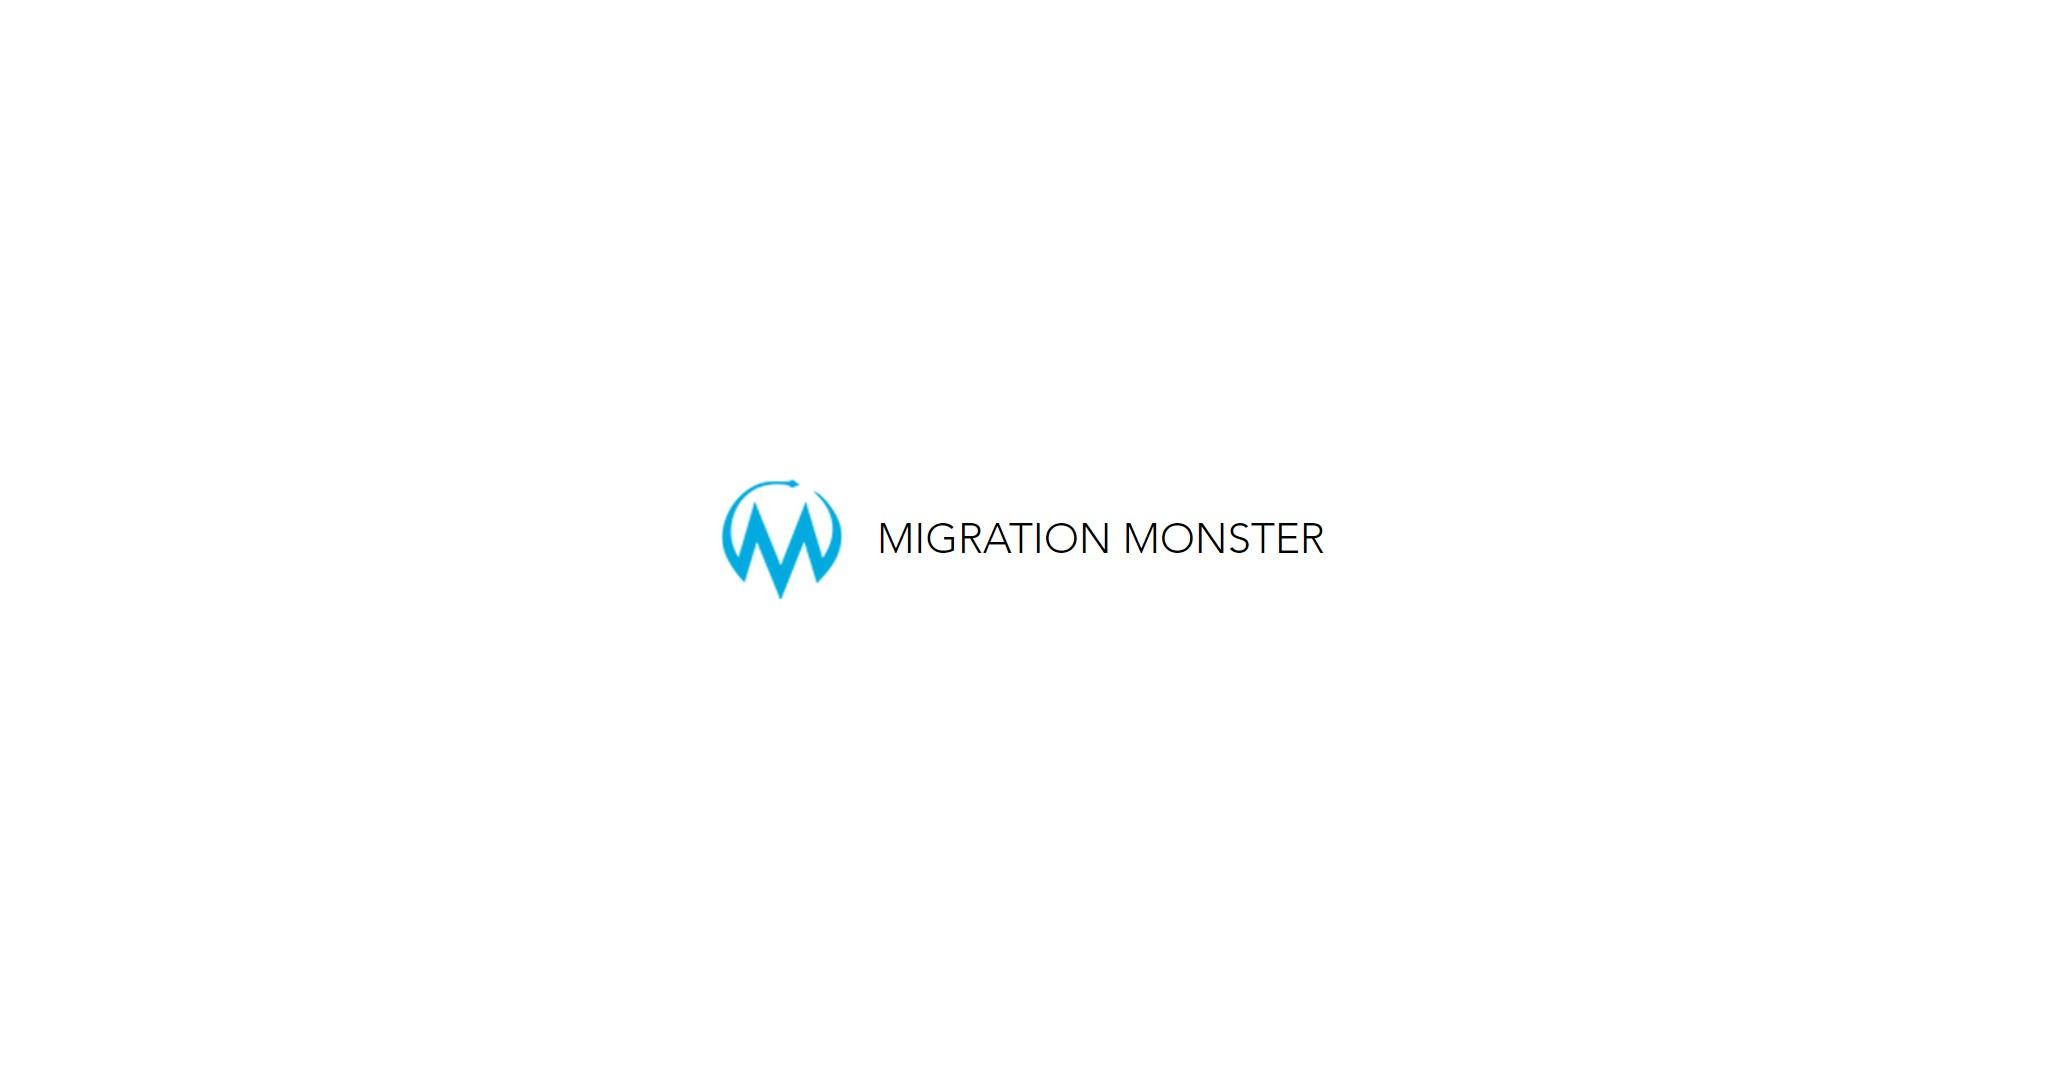 Migration Monster